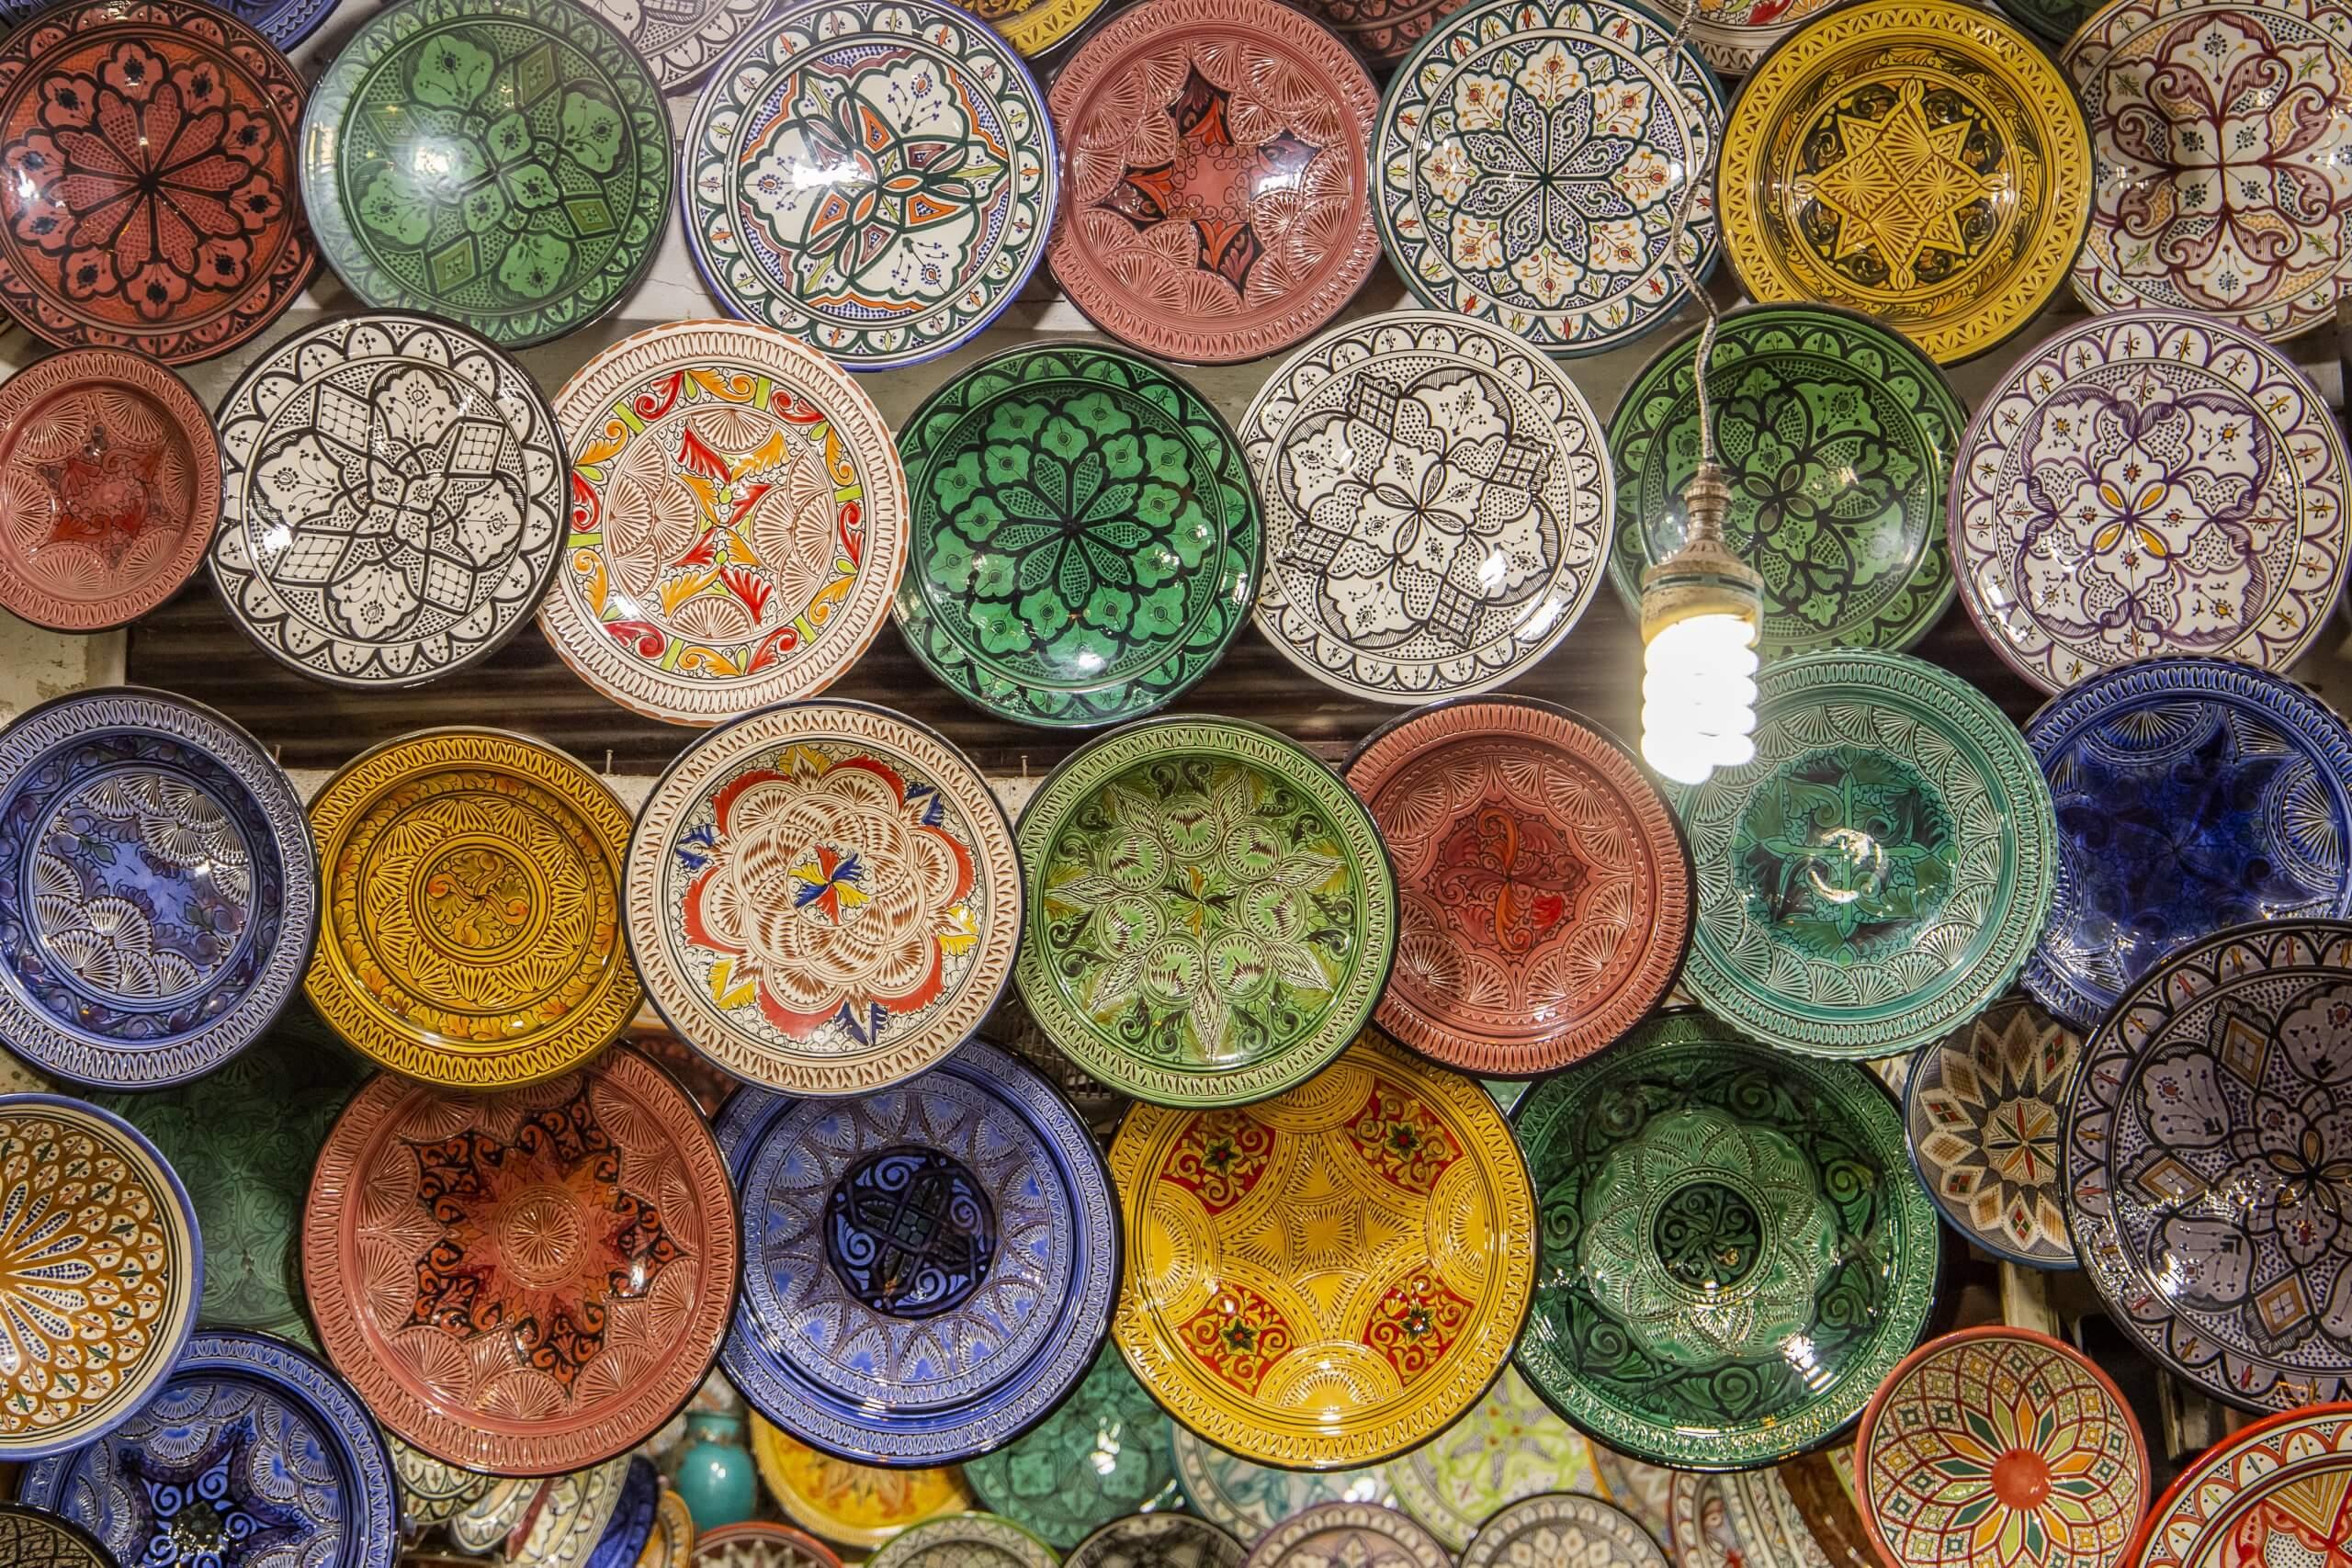 Keramikware in einem marokkanischen Souk